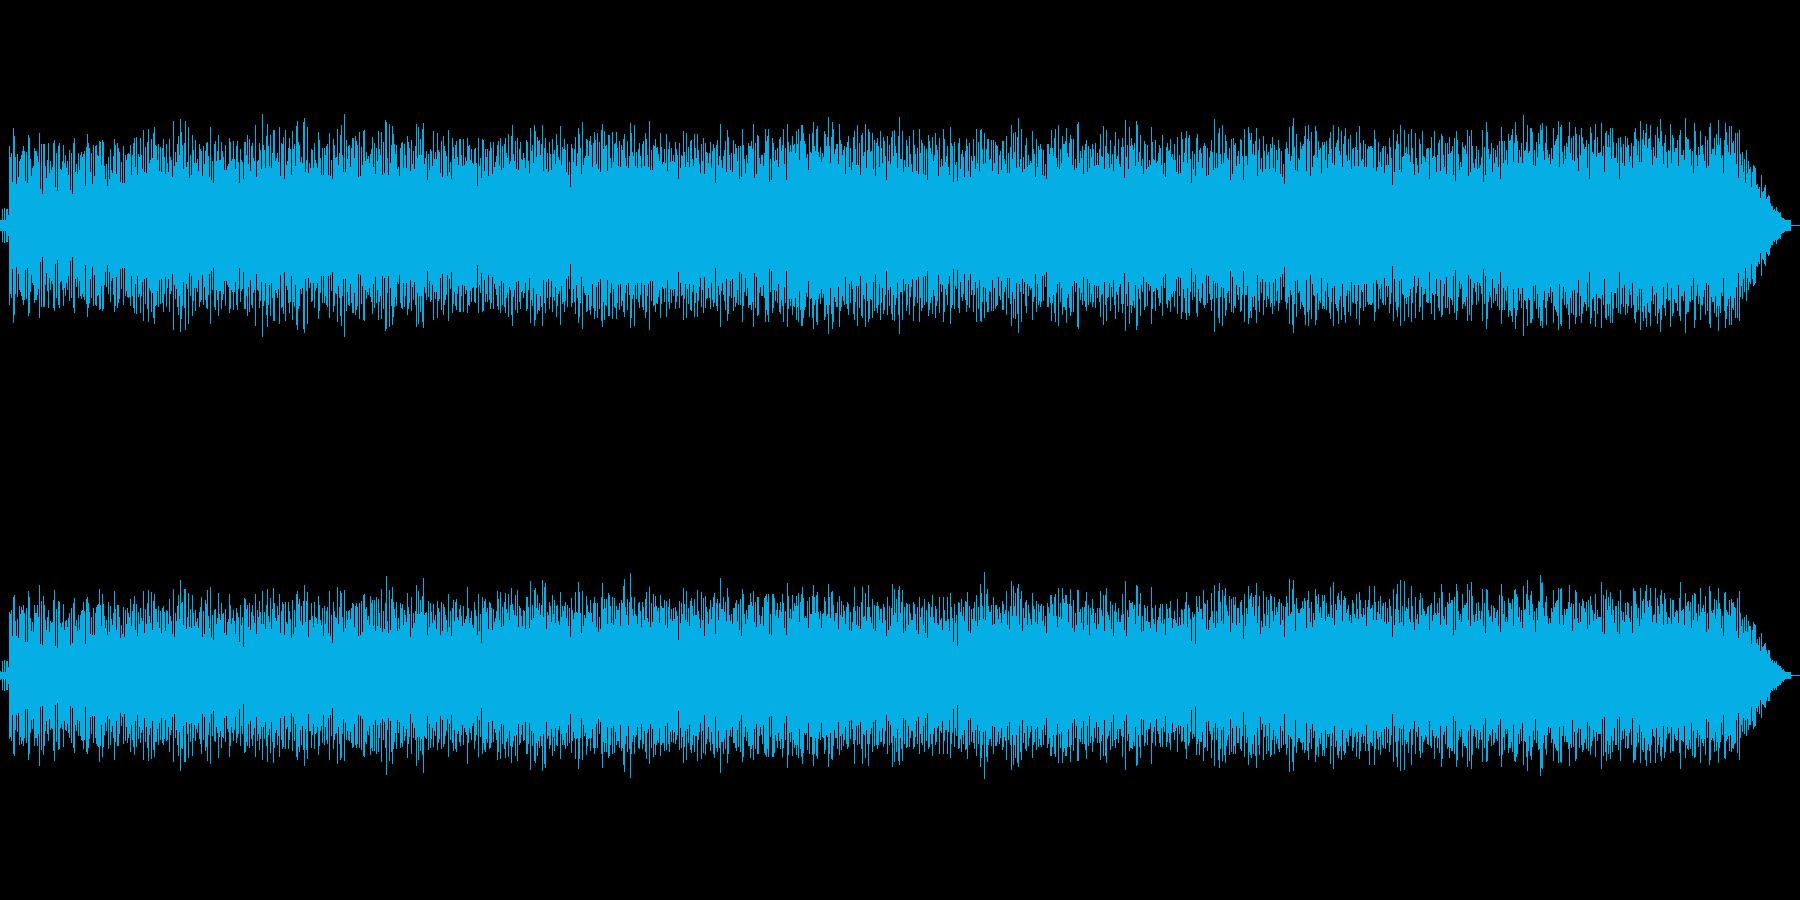 ライバルとのレースまたは戦闘時のBGMの再生済みの波形